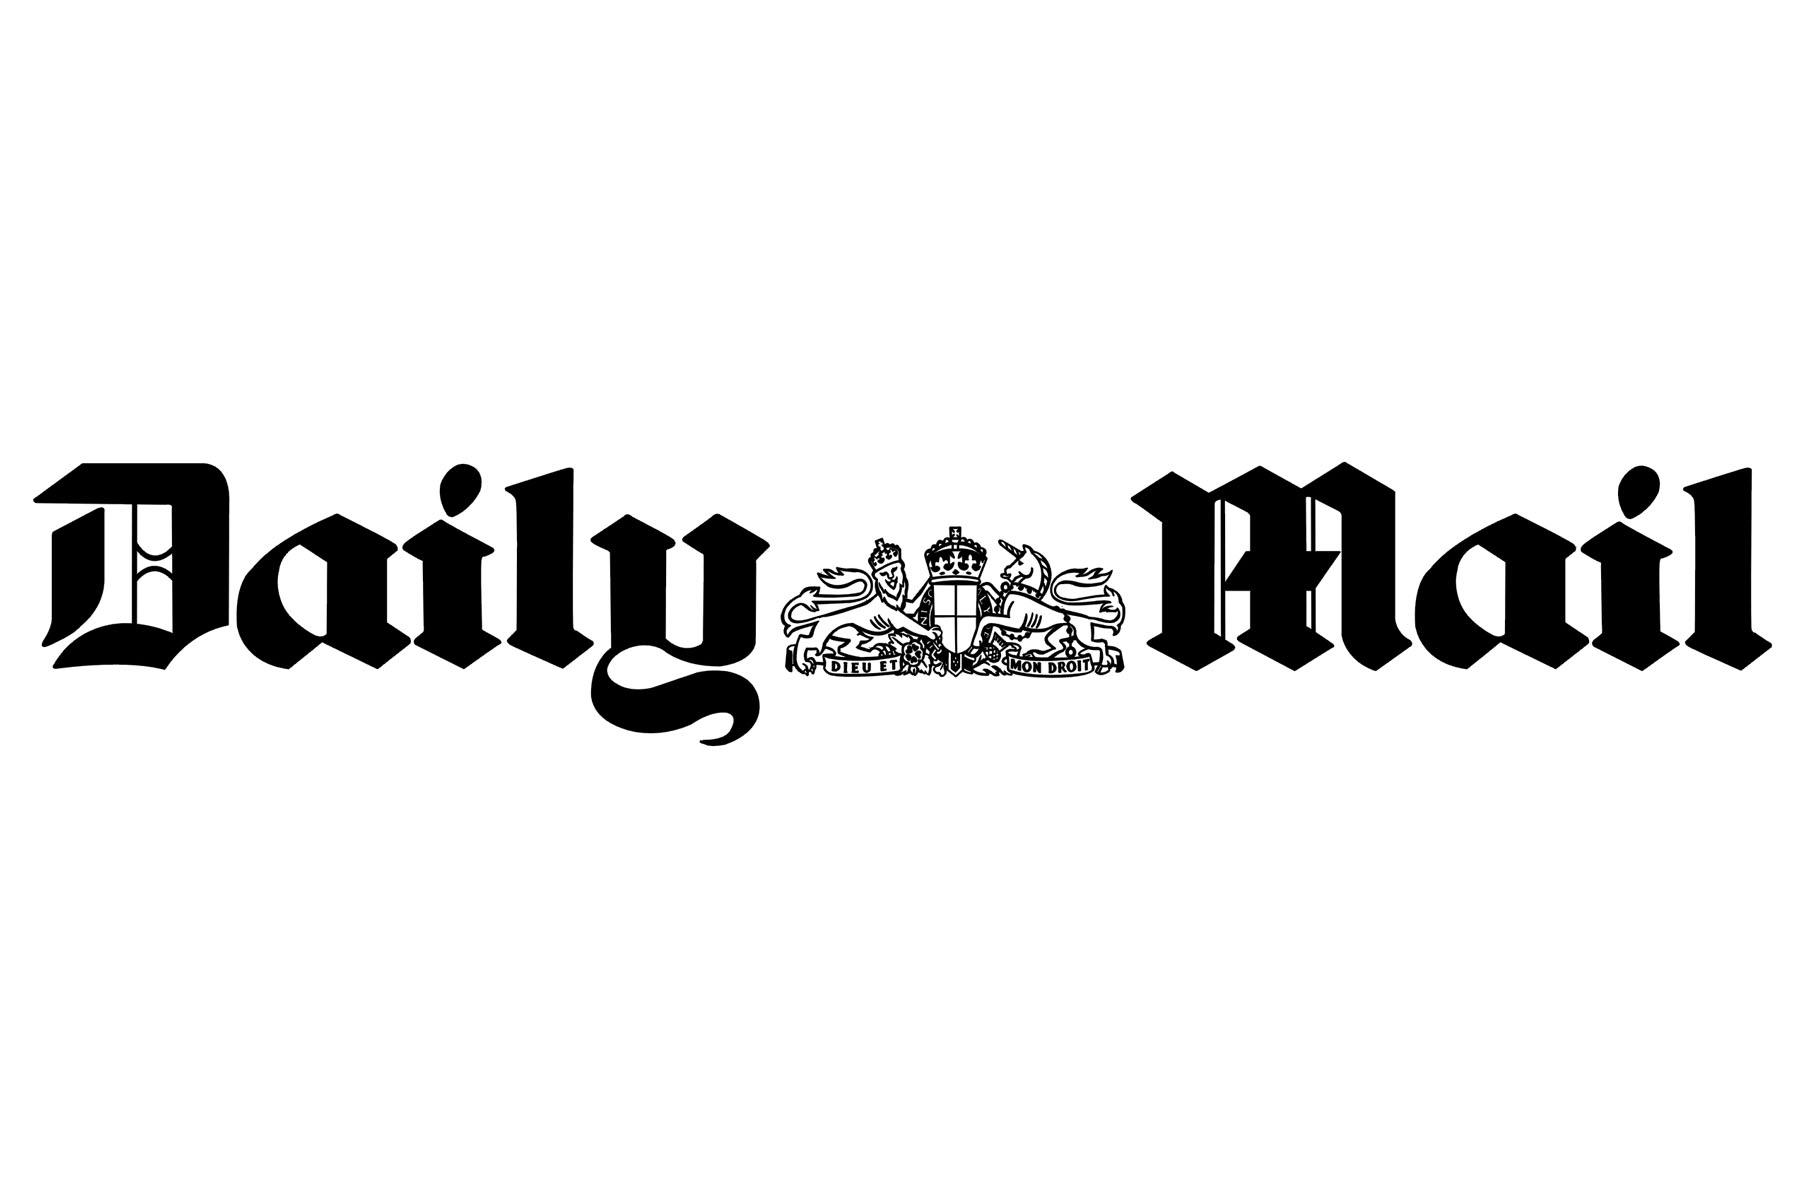 CEO Daily Mail Мартин Морган уйдет в отставку в конце 2016 года   Радиопортал - Радио, Новые медиа, Новости, Тренды, Работа, Сообщество